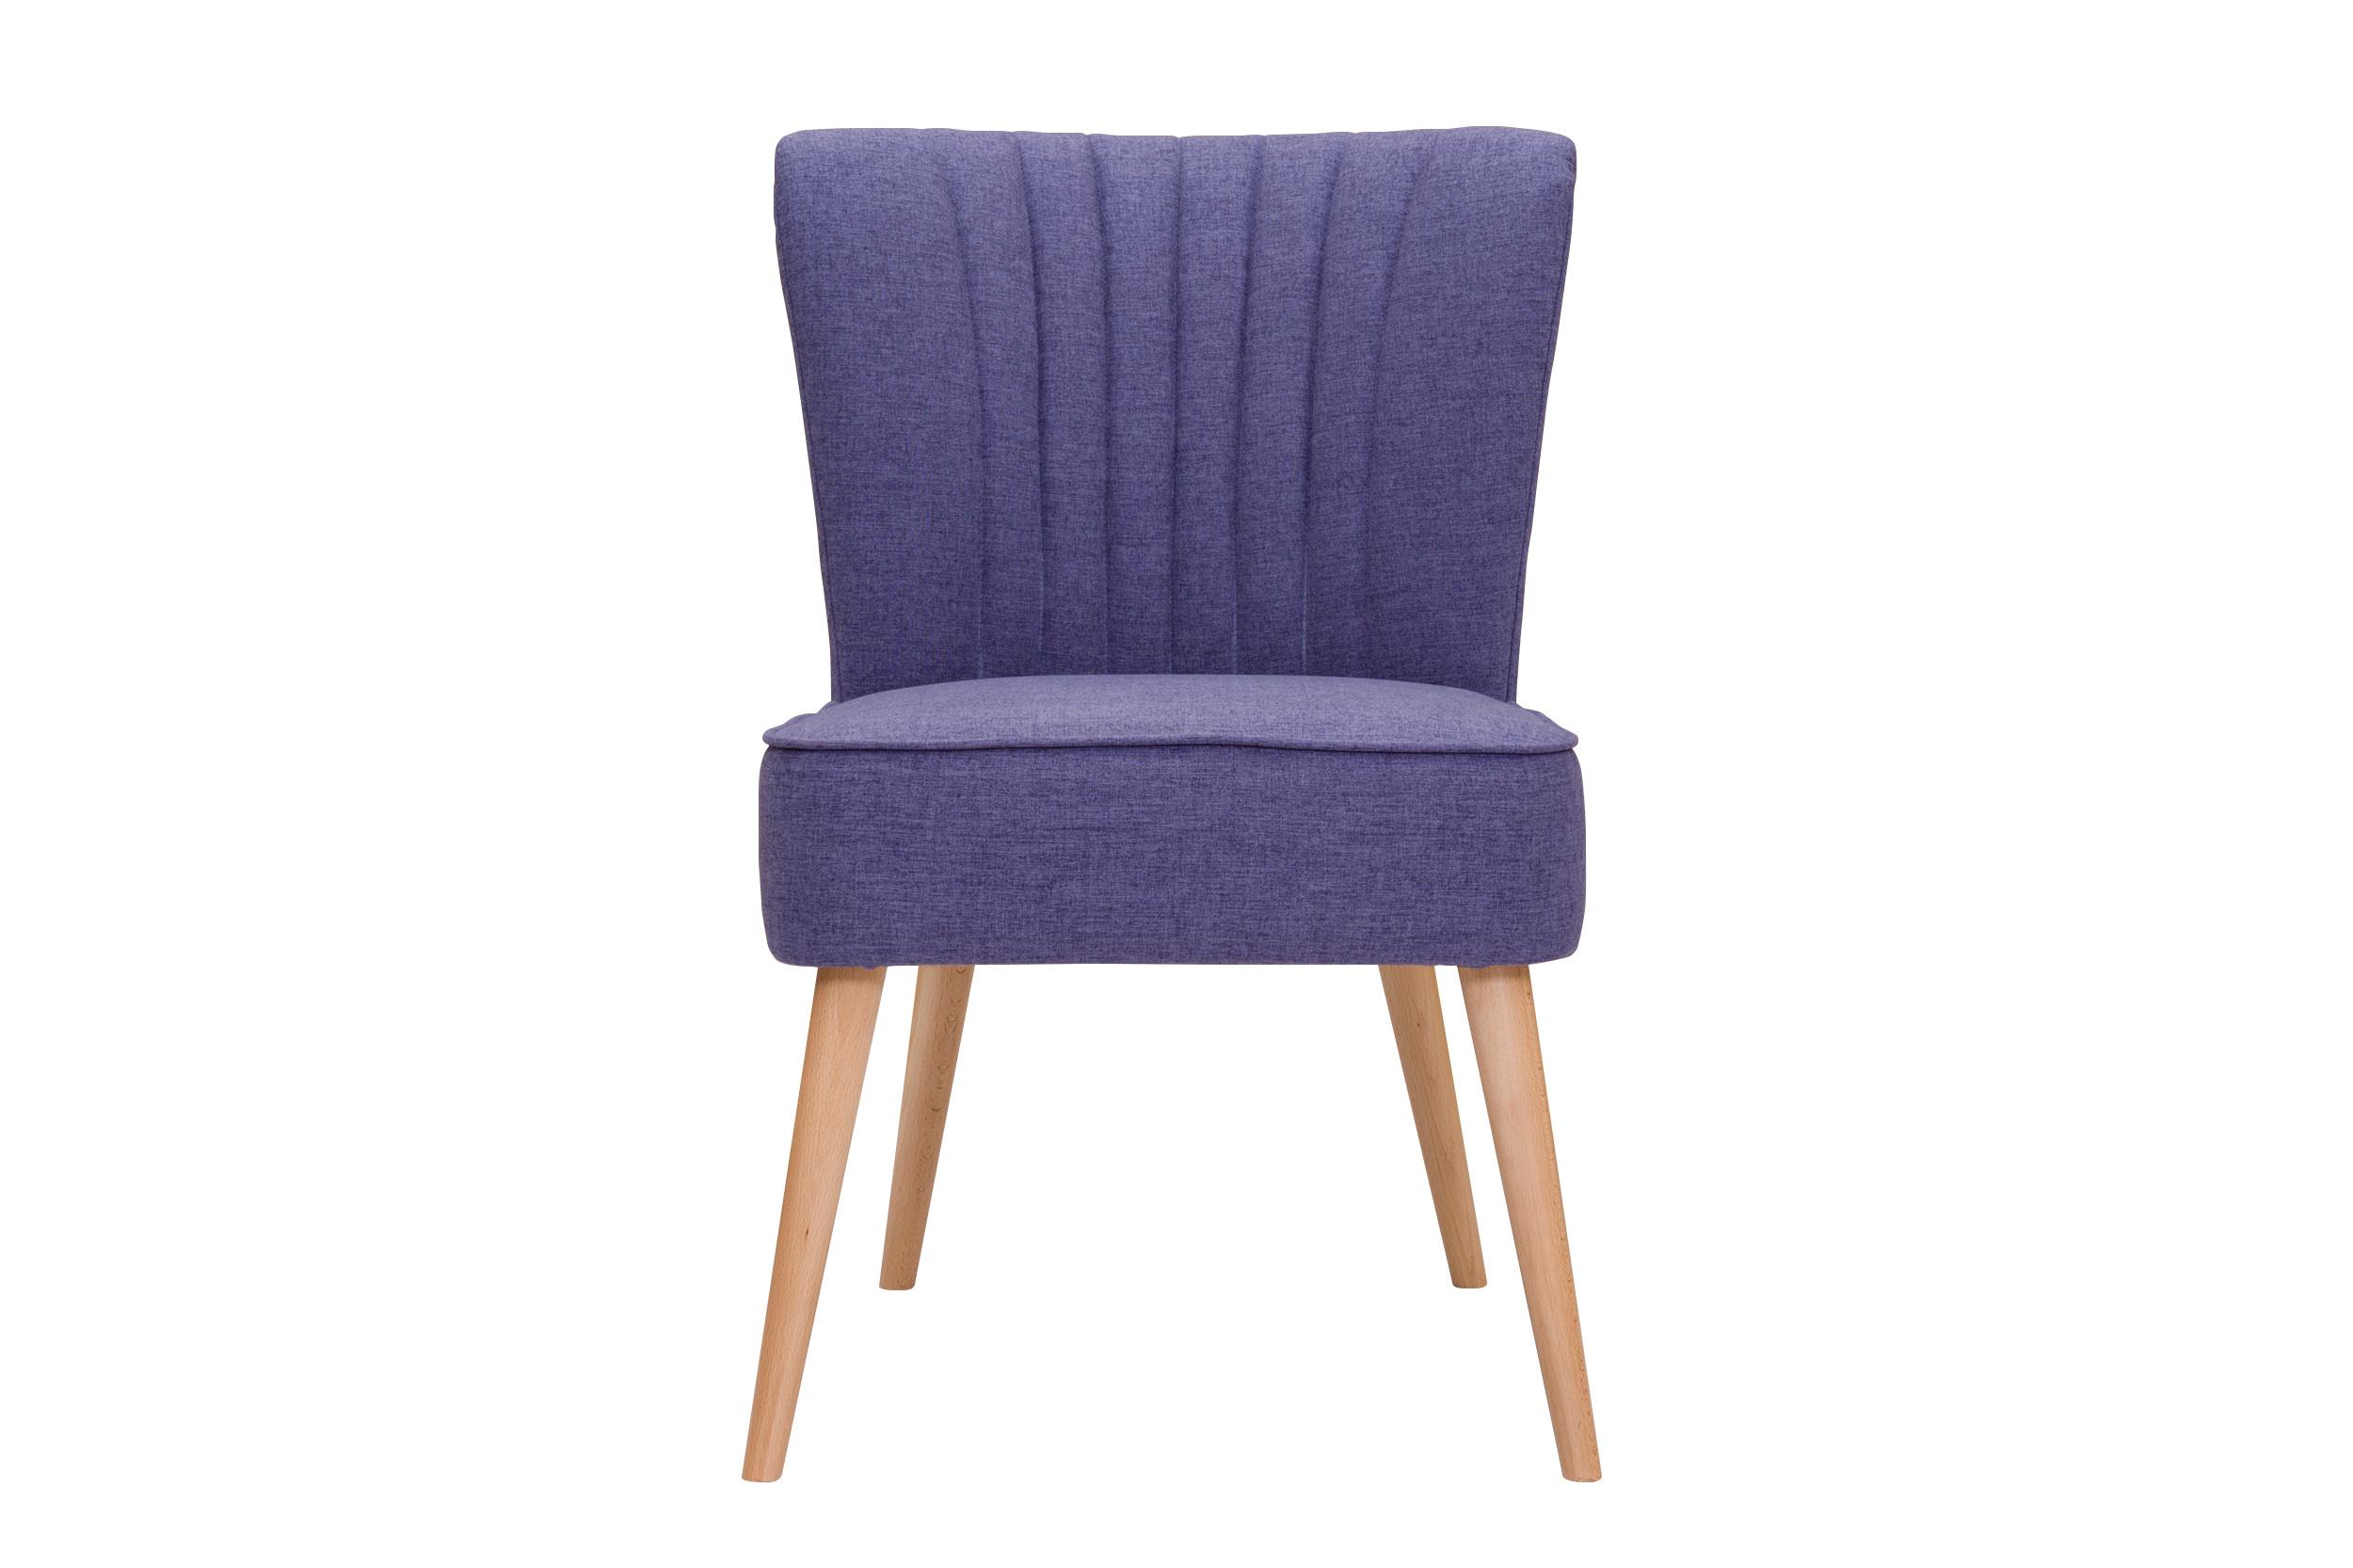 Стул UppsalaОбеденные стулья<br>&amp;lt;div&amp;gt;&amp;lt;div style=&amp;quot;font-size: 14px;&amp;quot;&amp;gt;Оригинальный стул &amp;quot;Uppsala&amp;quot; несомненно станет украшением помещения и прекрасно впишется в любой интерьер. Удобная спинка станет подспорьем в длительных переговорах, дружеских посиделках и застольях.&amp;lt;br&amp;gt;&amp;lt;/div&amp;gt;&amp;lt;div style=&amp;quot;font-size: 14px;&amp;quot;&amp;gt;&amp;lt;br&amp;gt;&amp;lt;/div&amp;gt;&amp;lt;div style=&amp;quot;font-size: 14px;&amp;quot;&amp;gt;Ножки из бука.&amp;lt;/div&amp;gt;&amp;lt;div style=&amp;quot;font-size: 14px;&amp;quot;&amp;gt;Ткань: рогожка (устойчивая к стиранию, 26 000 циклов)&amp;lt;/div&amp;gt;&amp;lt;div style=&amp;quot;font-size: 14px;&amp;quot;&amp;gt;Высота сиденья: &amp;amp;nbsp;47см&amp;lt;/div&amp;gt;&amp;lt;div style=&amp;quot;font-size: 14px;&amp;quot;&amp;gt;Возможно изготовление в других цветах и обивках. Подробности уточняйте у менеджера.&amp;lt;/div&amp;gt;&amp;lt;/div&amp;gt;<br><br>Material: Текстиль<br>Width см: 57<br>Depth см: 55<br>Height см: 86